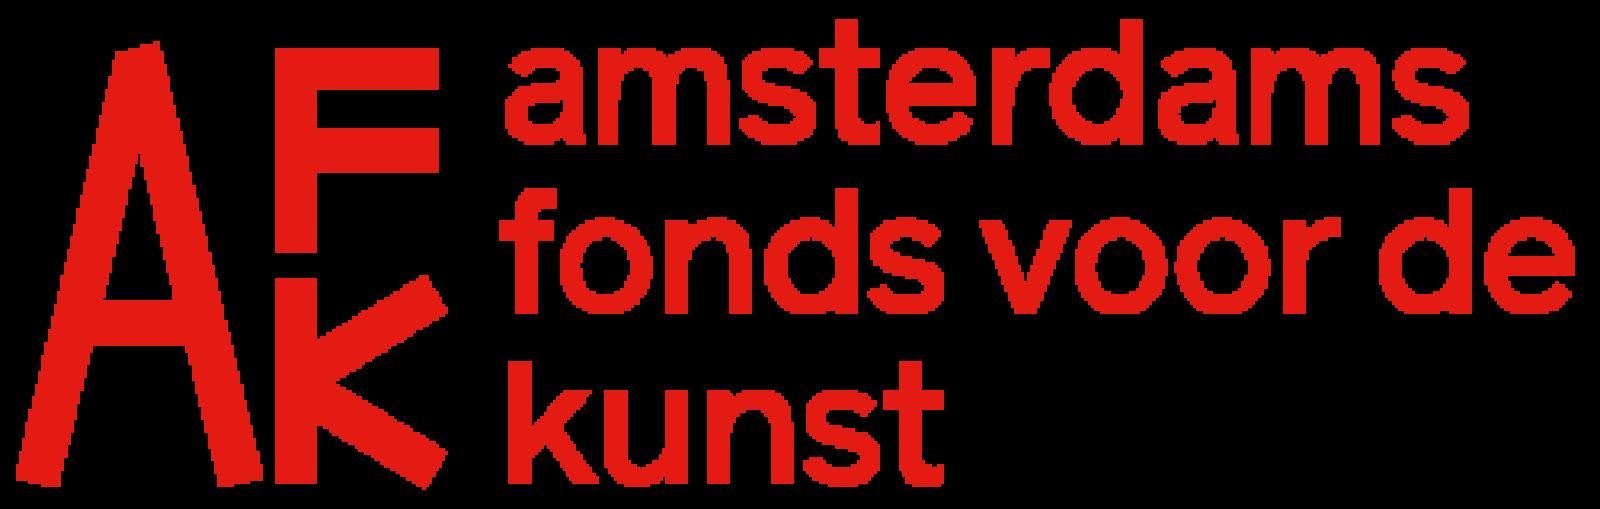 Image - Amsterdams fonds voor de kunst